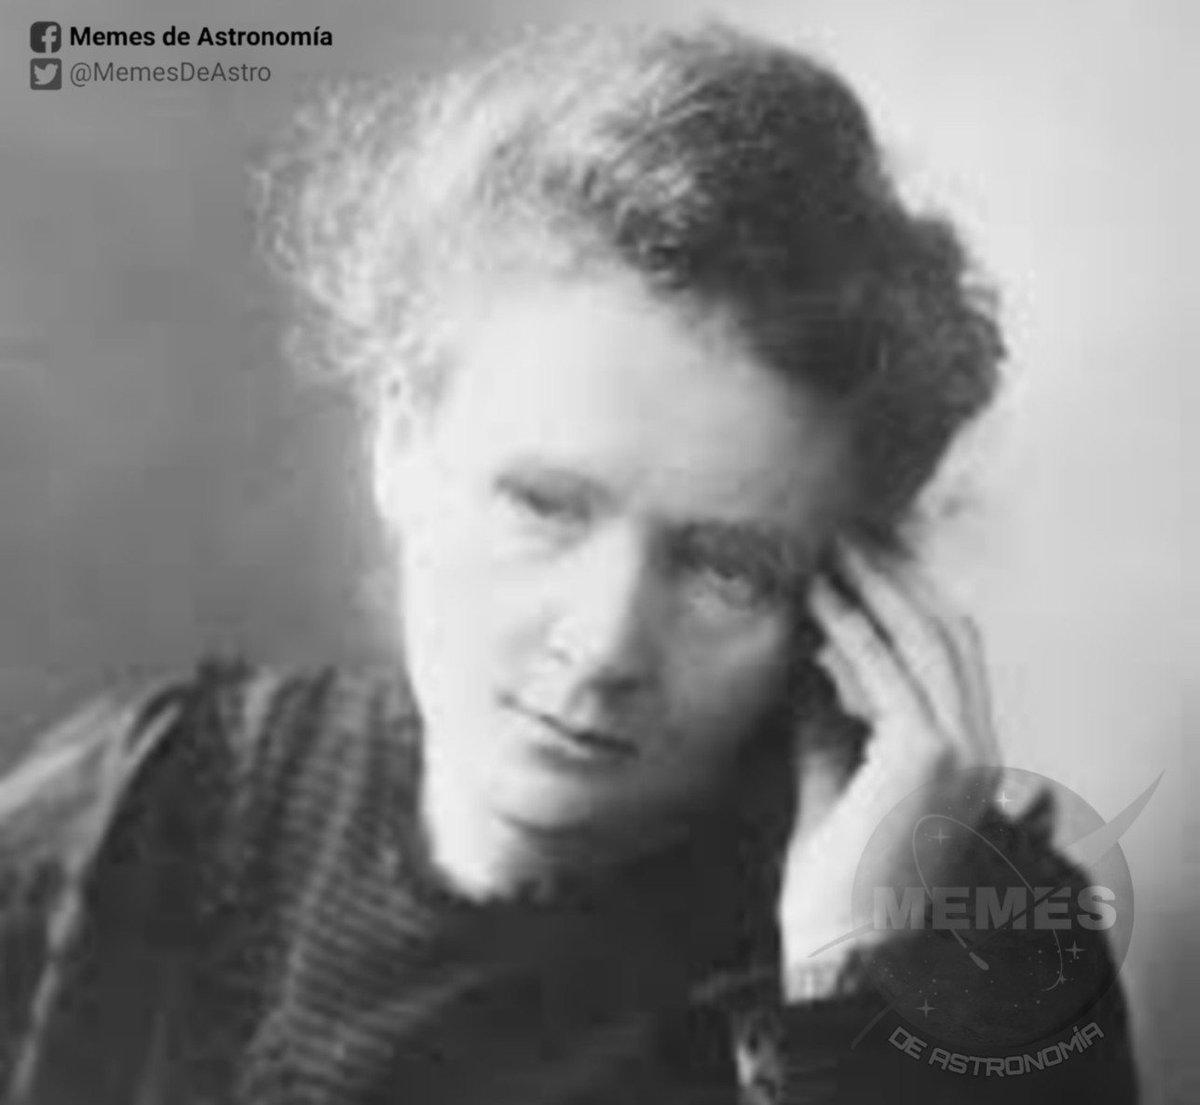 """Marie Curie viendo cómo utilizamos a lo tonto el adjetivo """"tóxico"""" de manera metafórica para todo."""